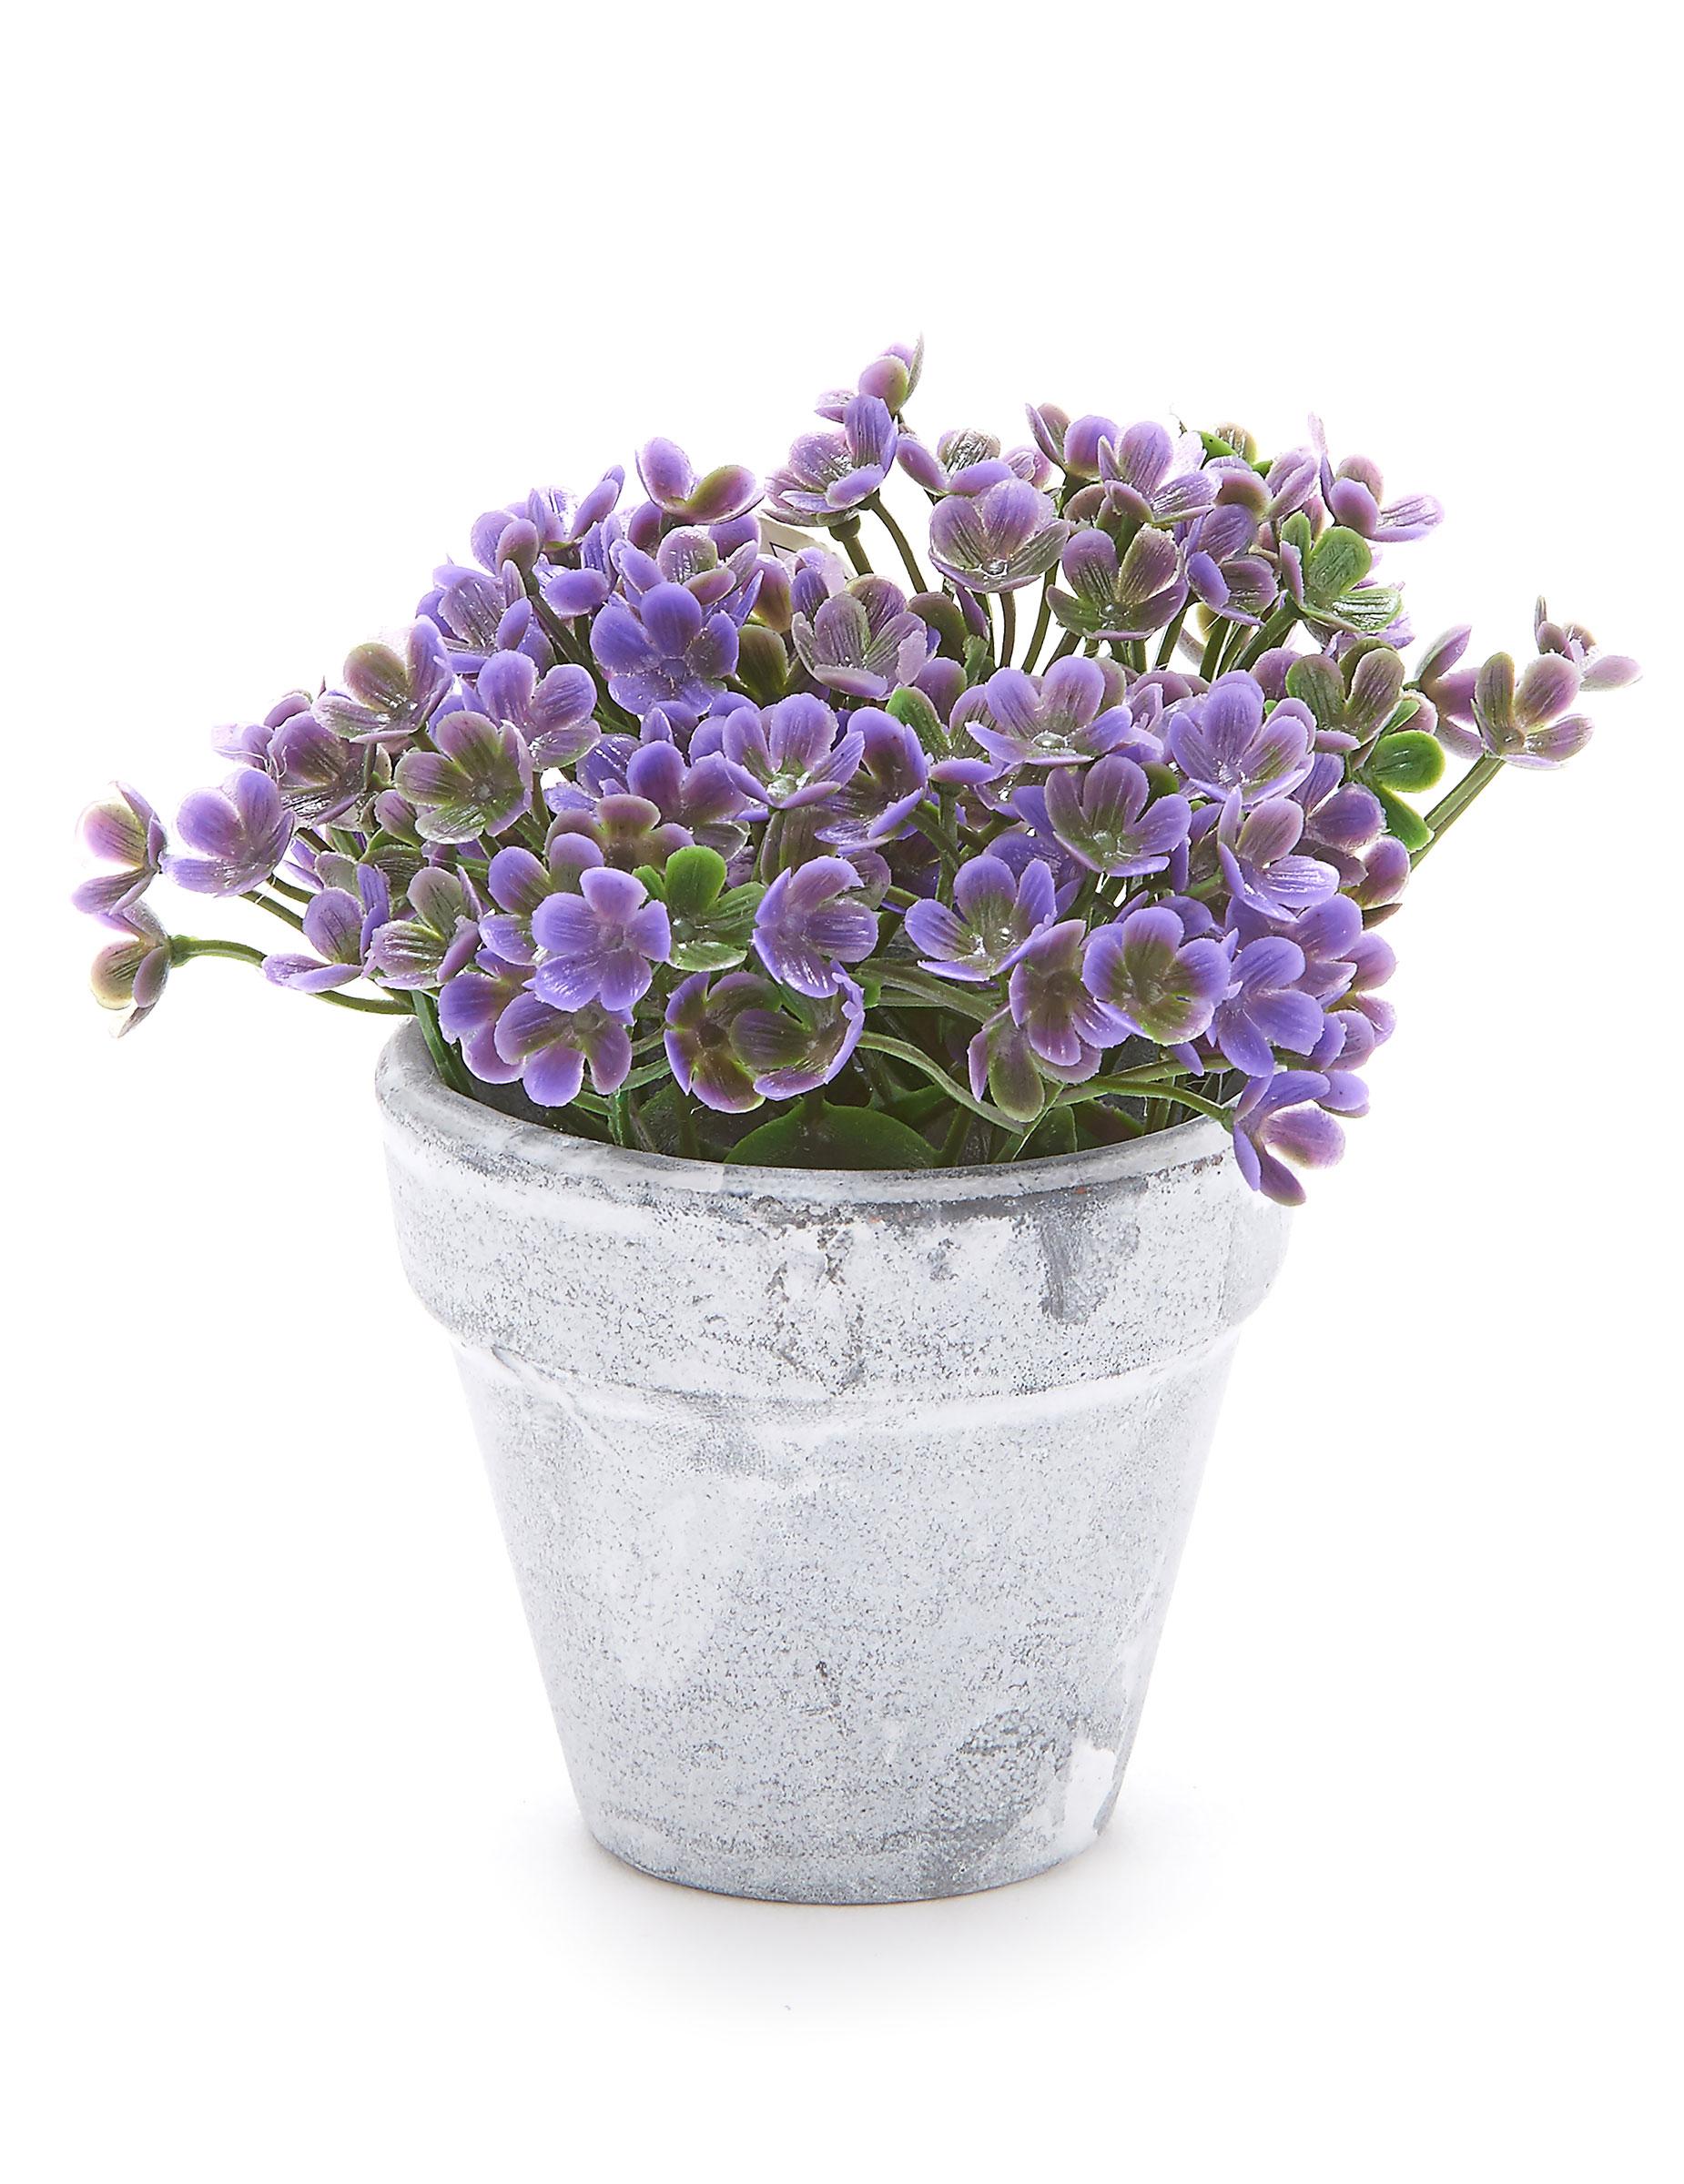 petit pot fleurs artificielles violettes d coration anniversaire et f tes th me sur vegaoo party. Black Bedroom Furniture Sets. Home Design Ideas